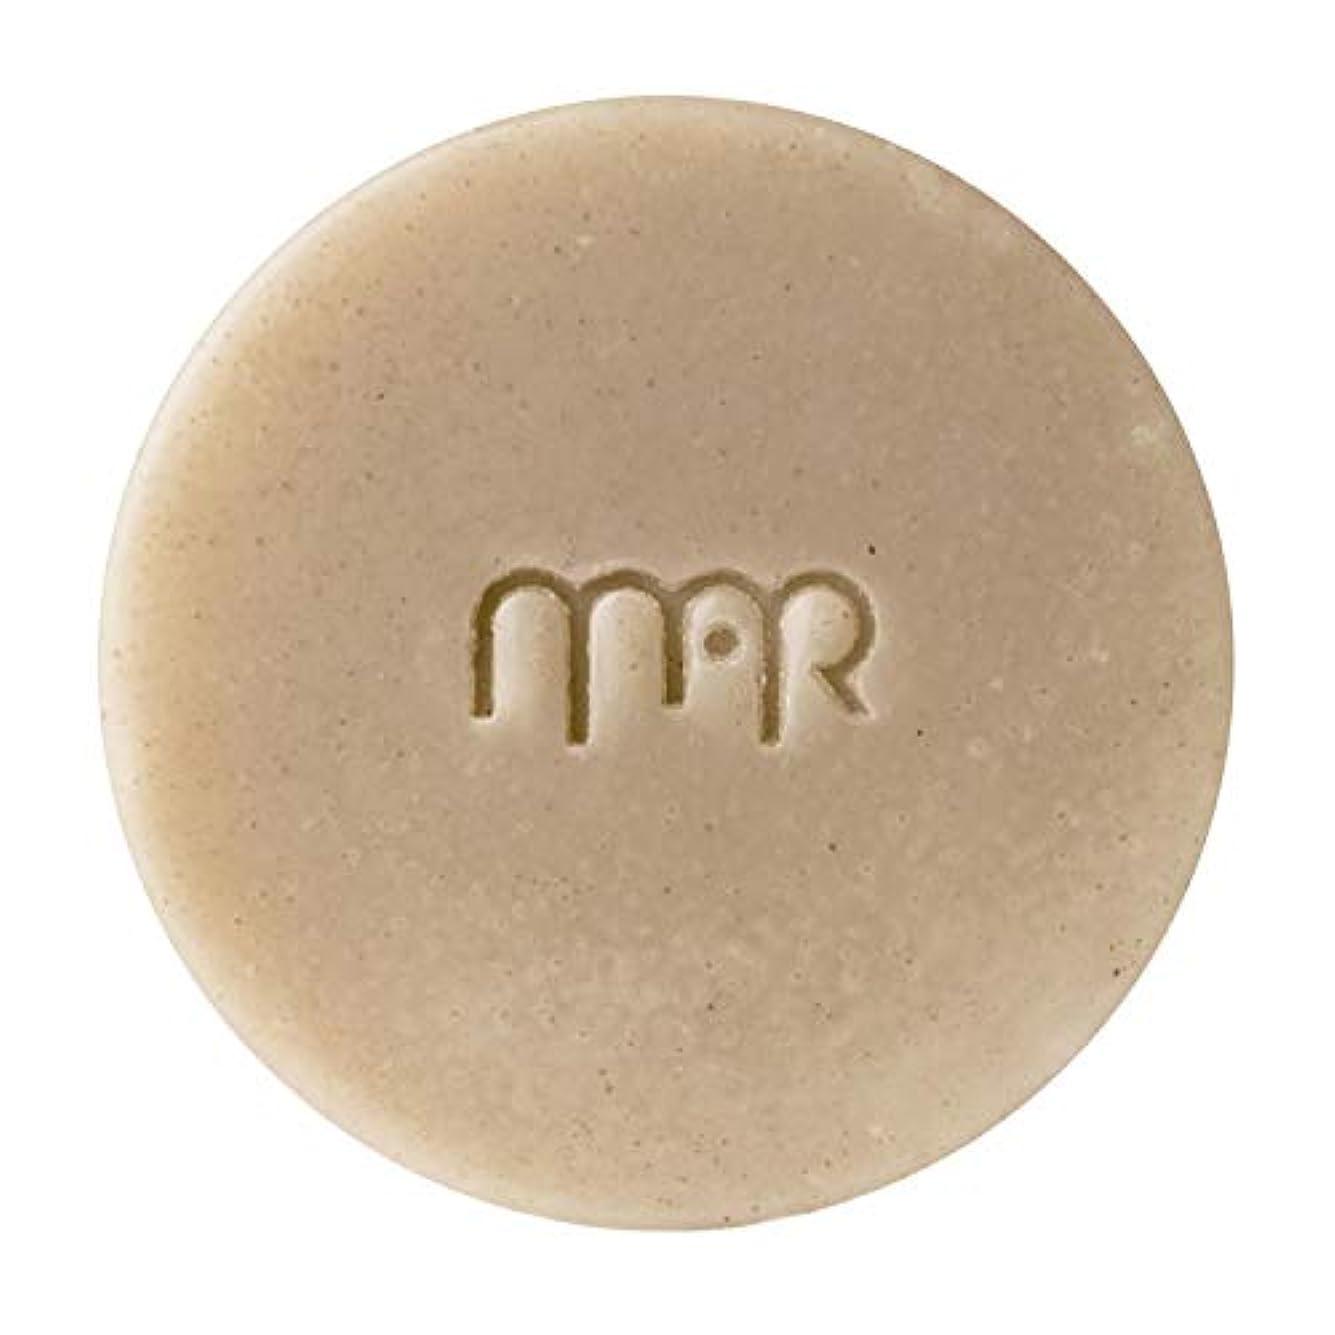 ジョリーエキゾチック韓国語マールアペラル (MARapelar) オーガニッククレイ石鹸(大) 80g / 約30日分